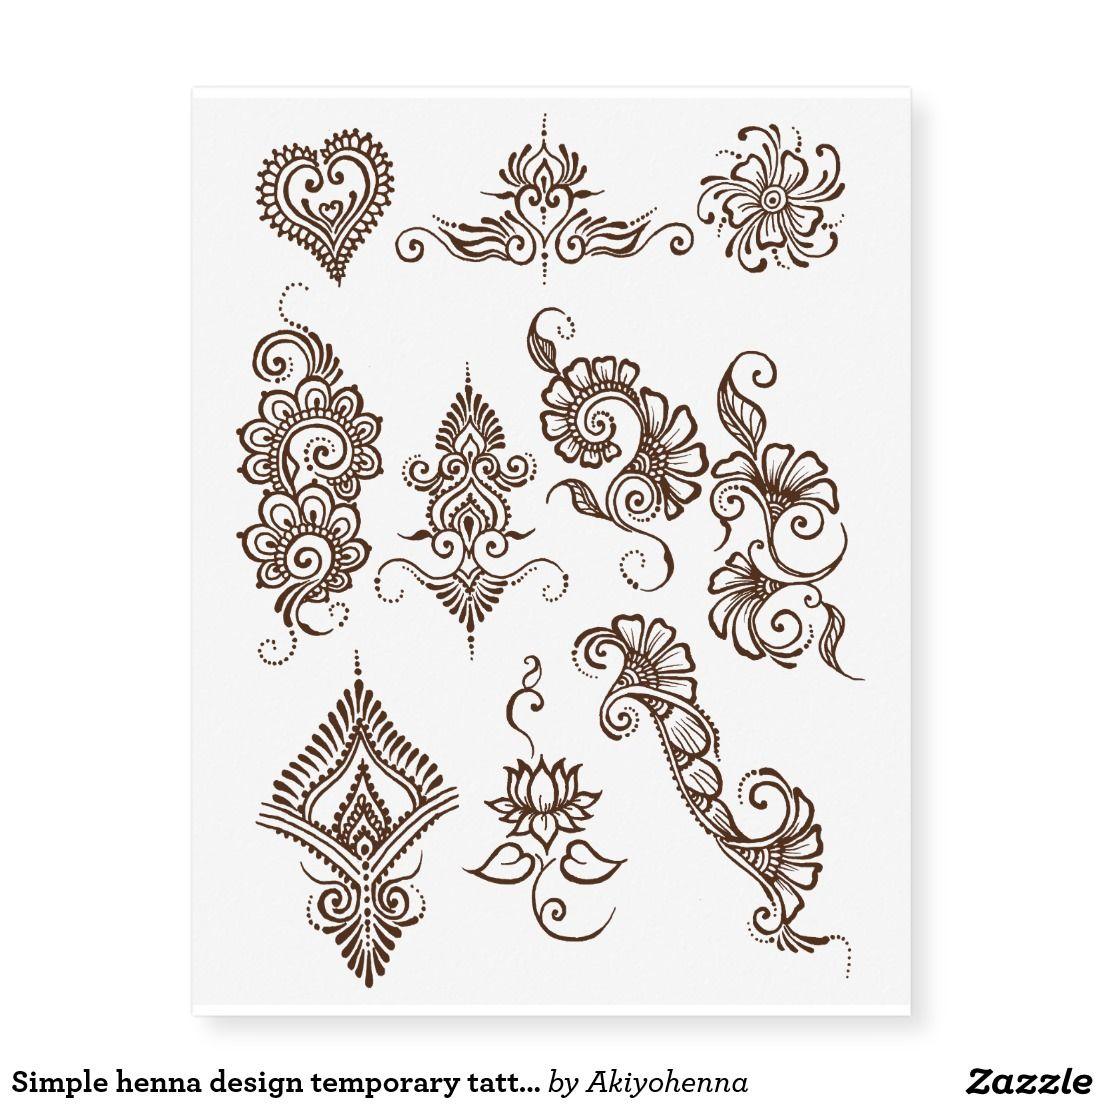 Simple Henna Design Temporary Tattoo Sheet Brown Zazzle Com Henna Stencils Henna Designs Easy Henna Tattoo Designs